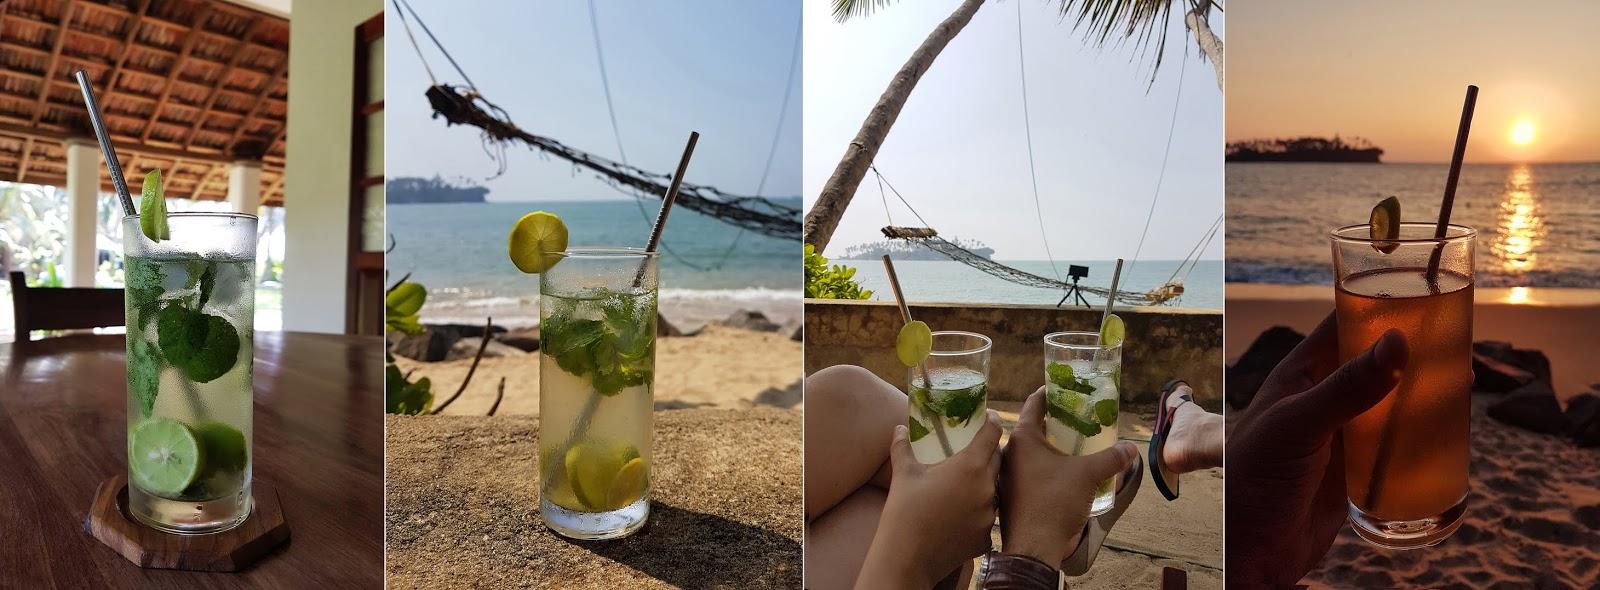 Coconut Arrack Sri Lanka